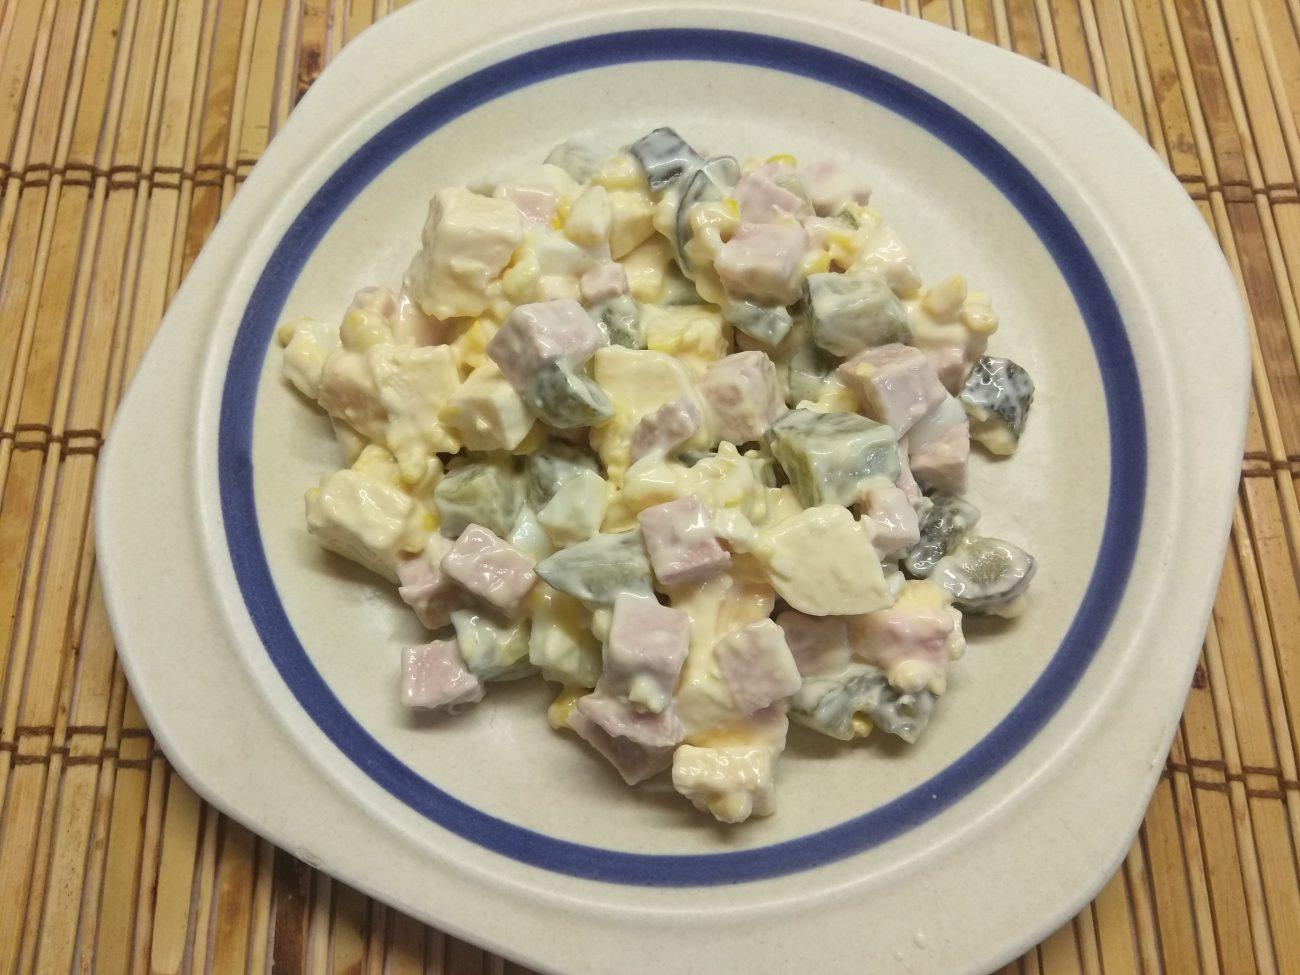 Яичный салат с колбасой, соленными огурцами, сыром и кукурузой